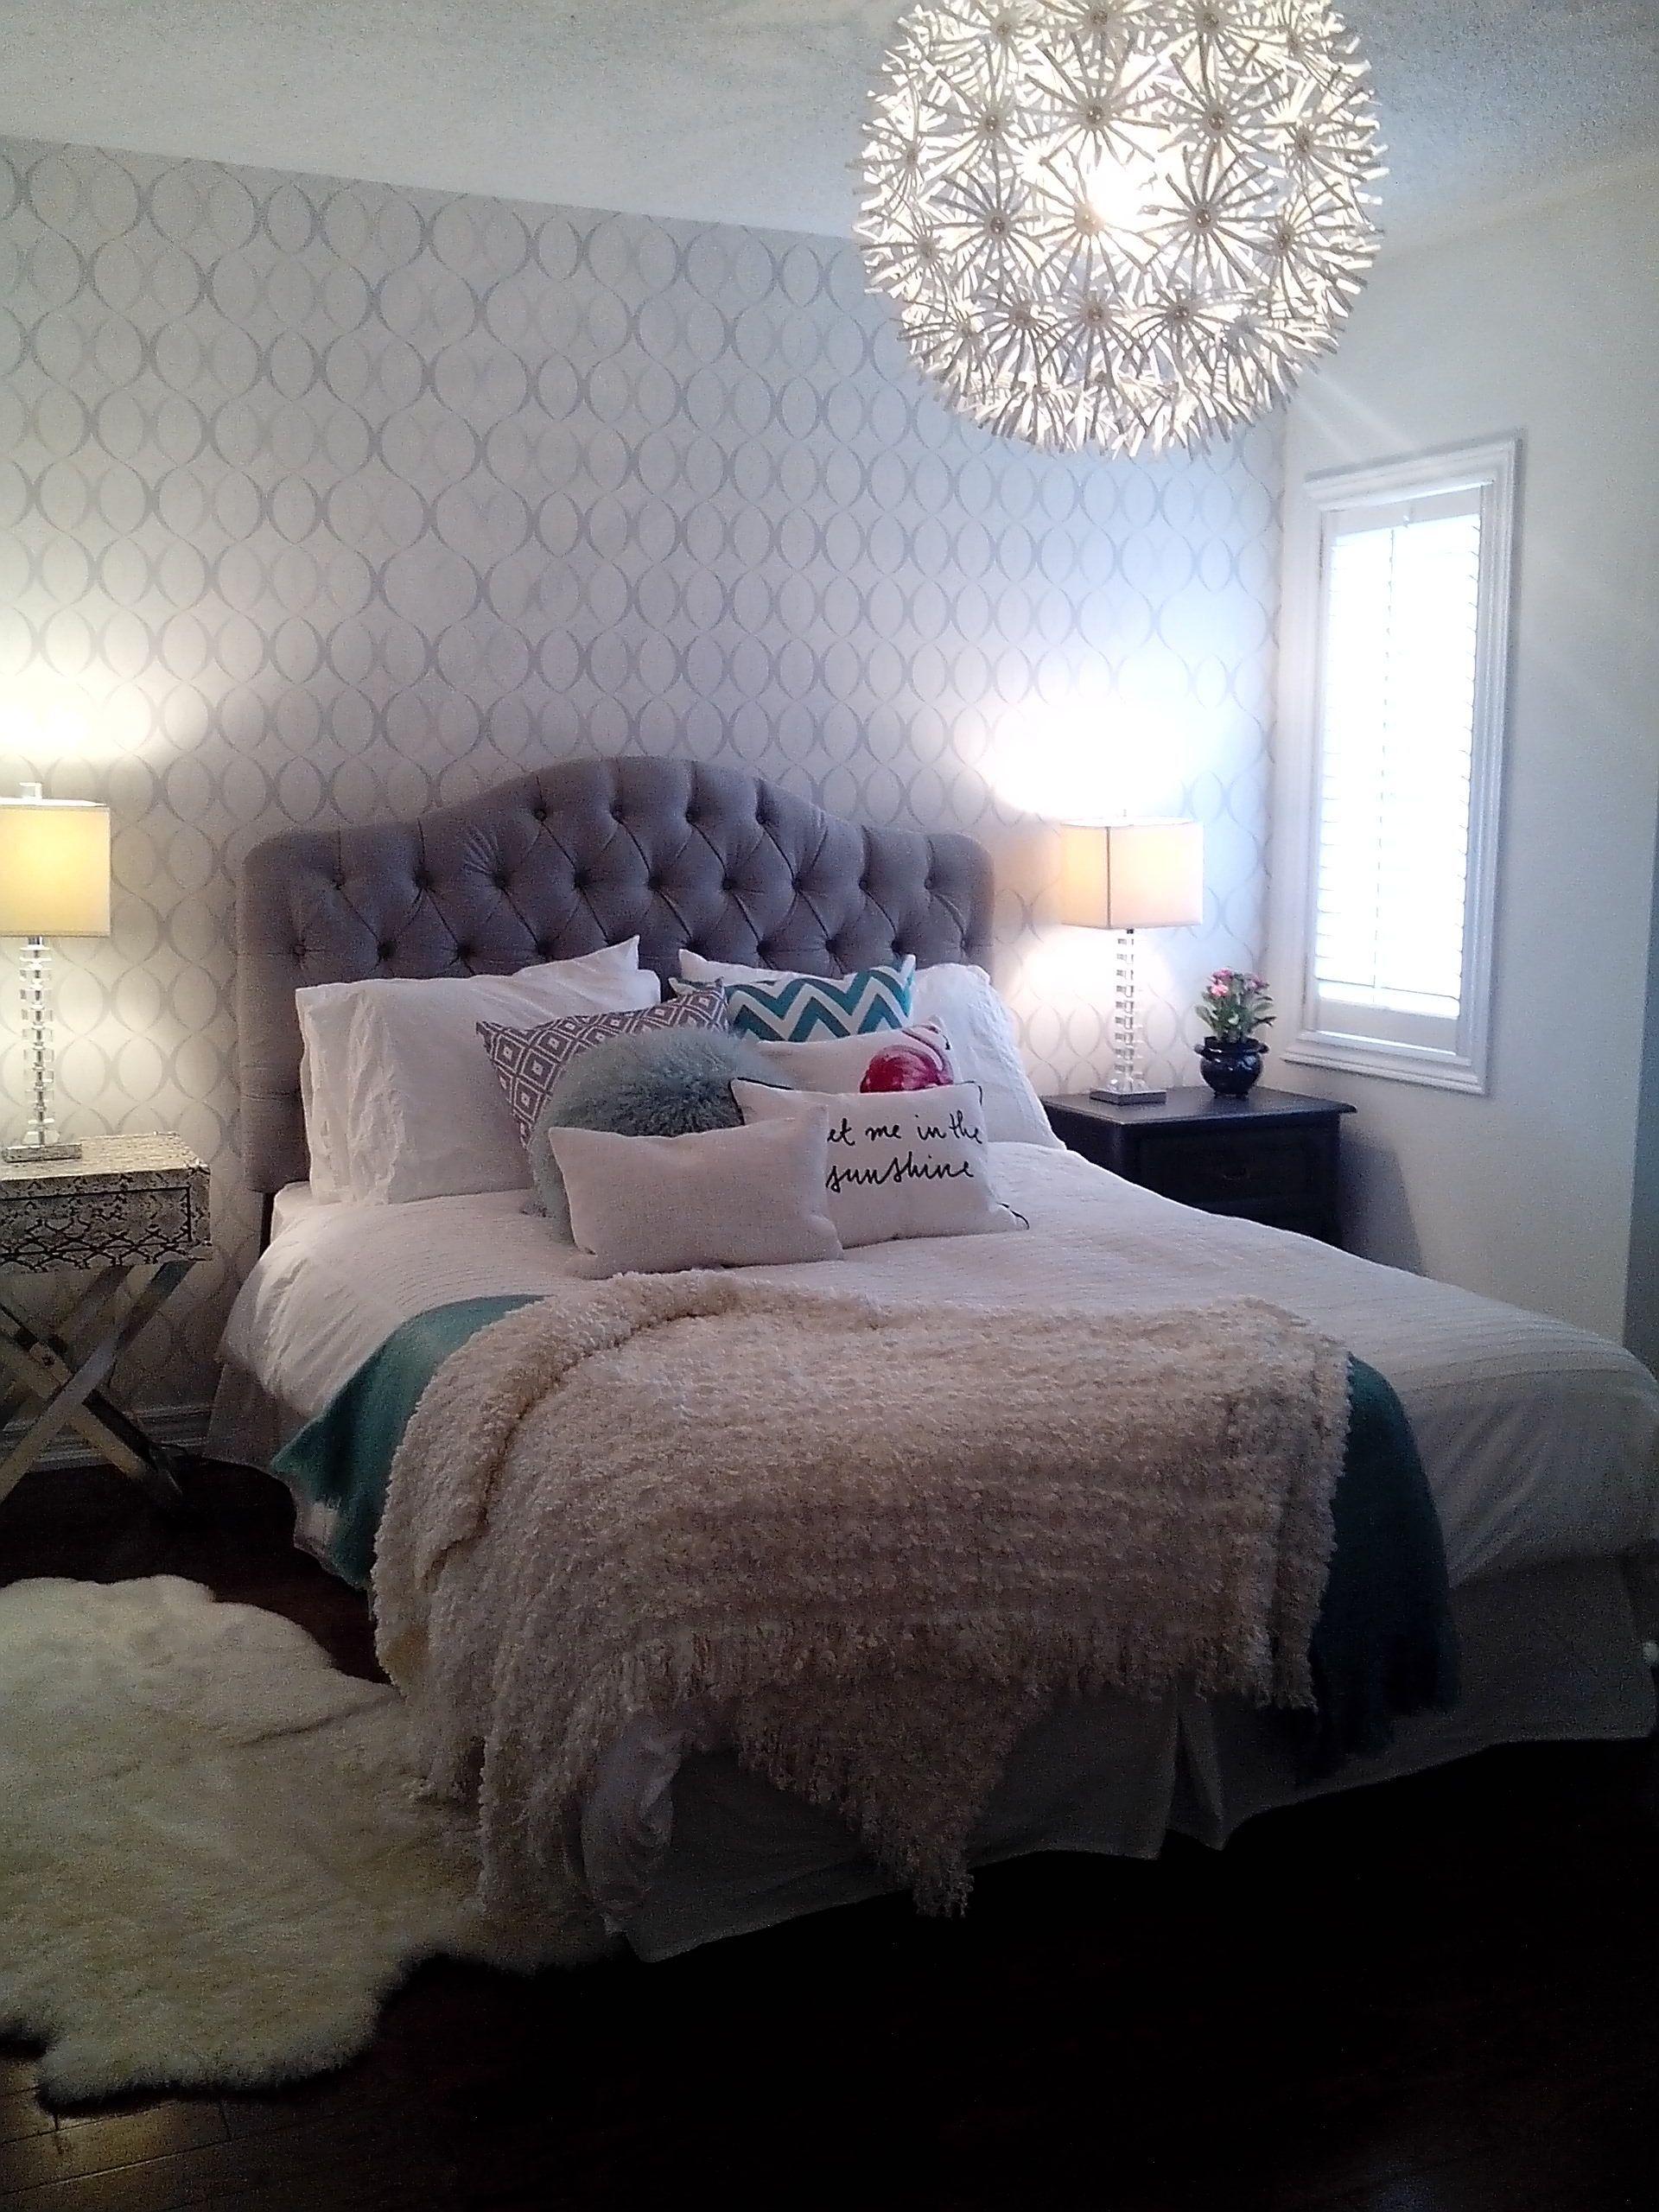 25 Designs For Bedrooms Amazing Bedroom Ideas 2019 Bedroom